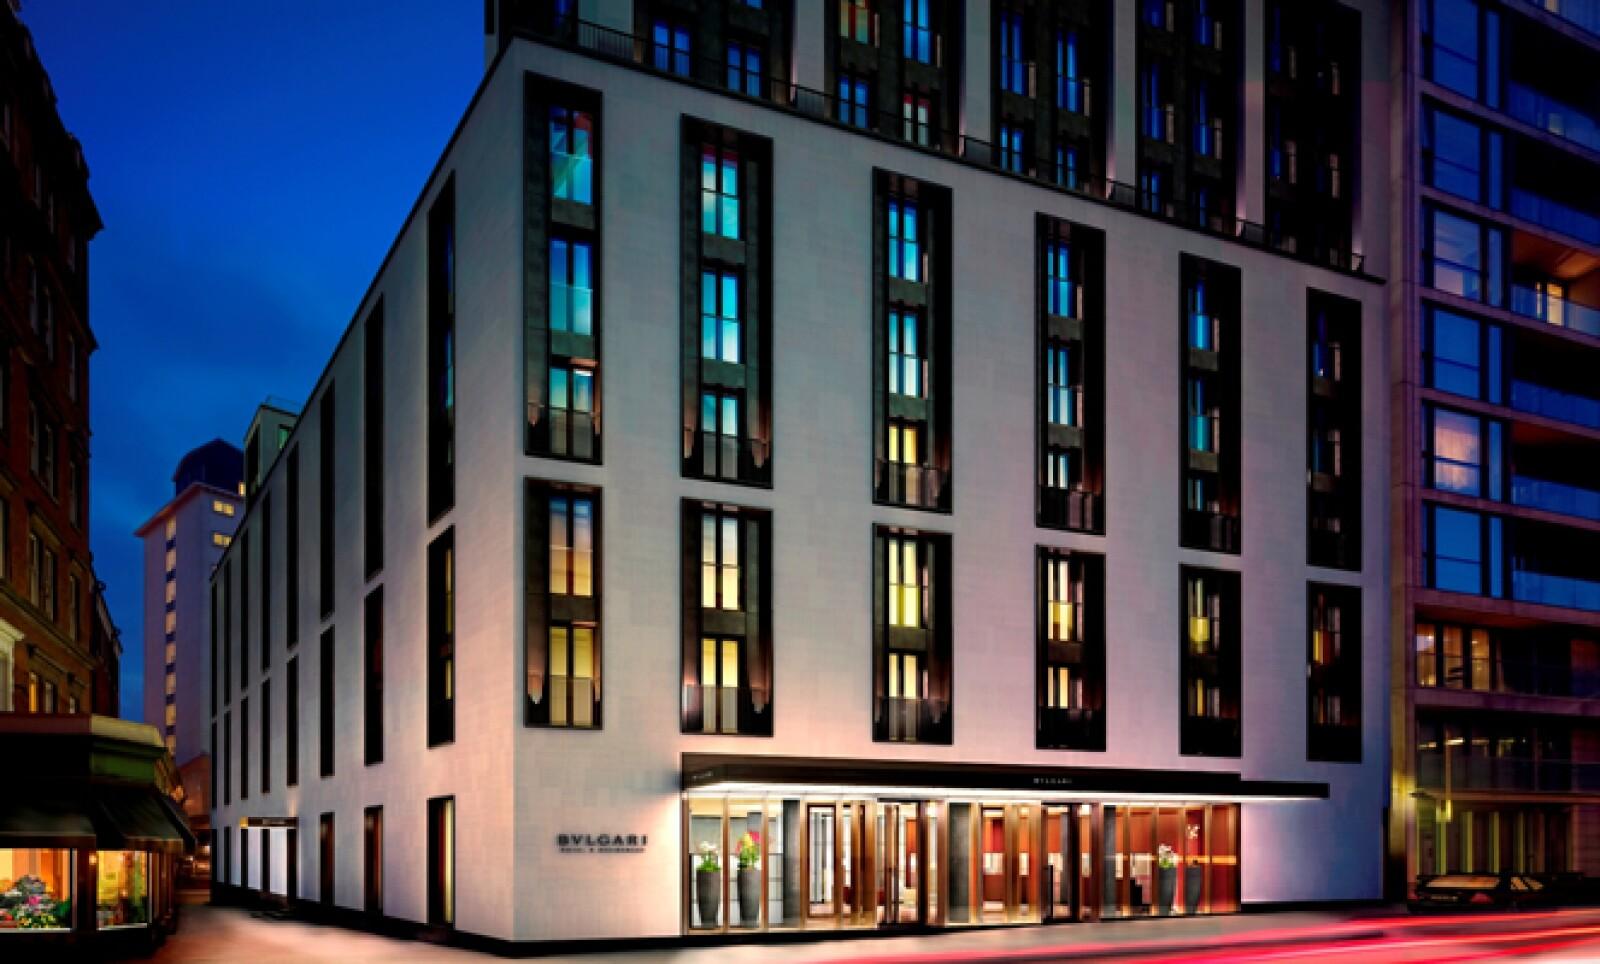 Antonio Citterio, Patricia Viel y Asociados fue el despacho de diseño que se encargó de la arquitectura y el diseño de interiores de este hotel.